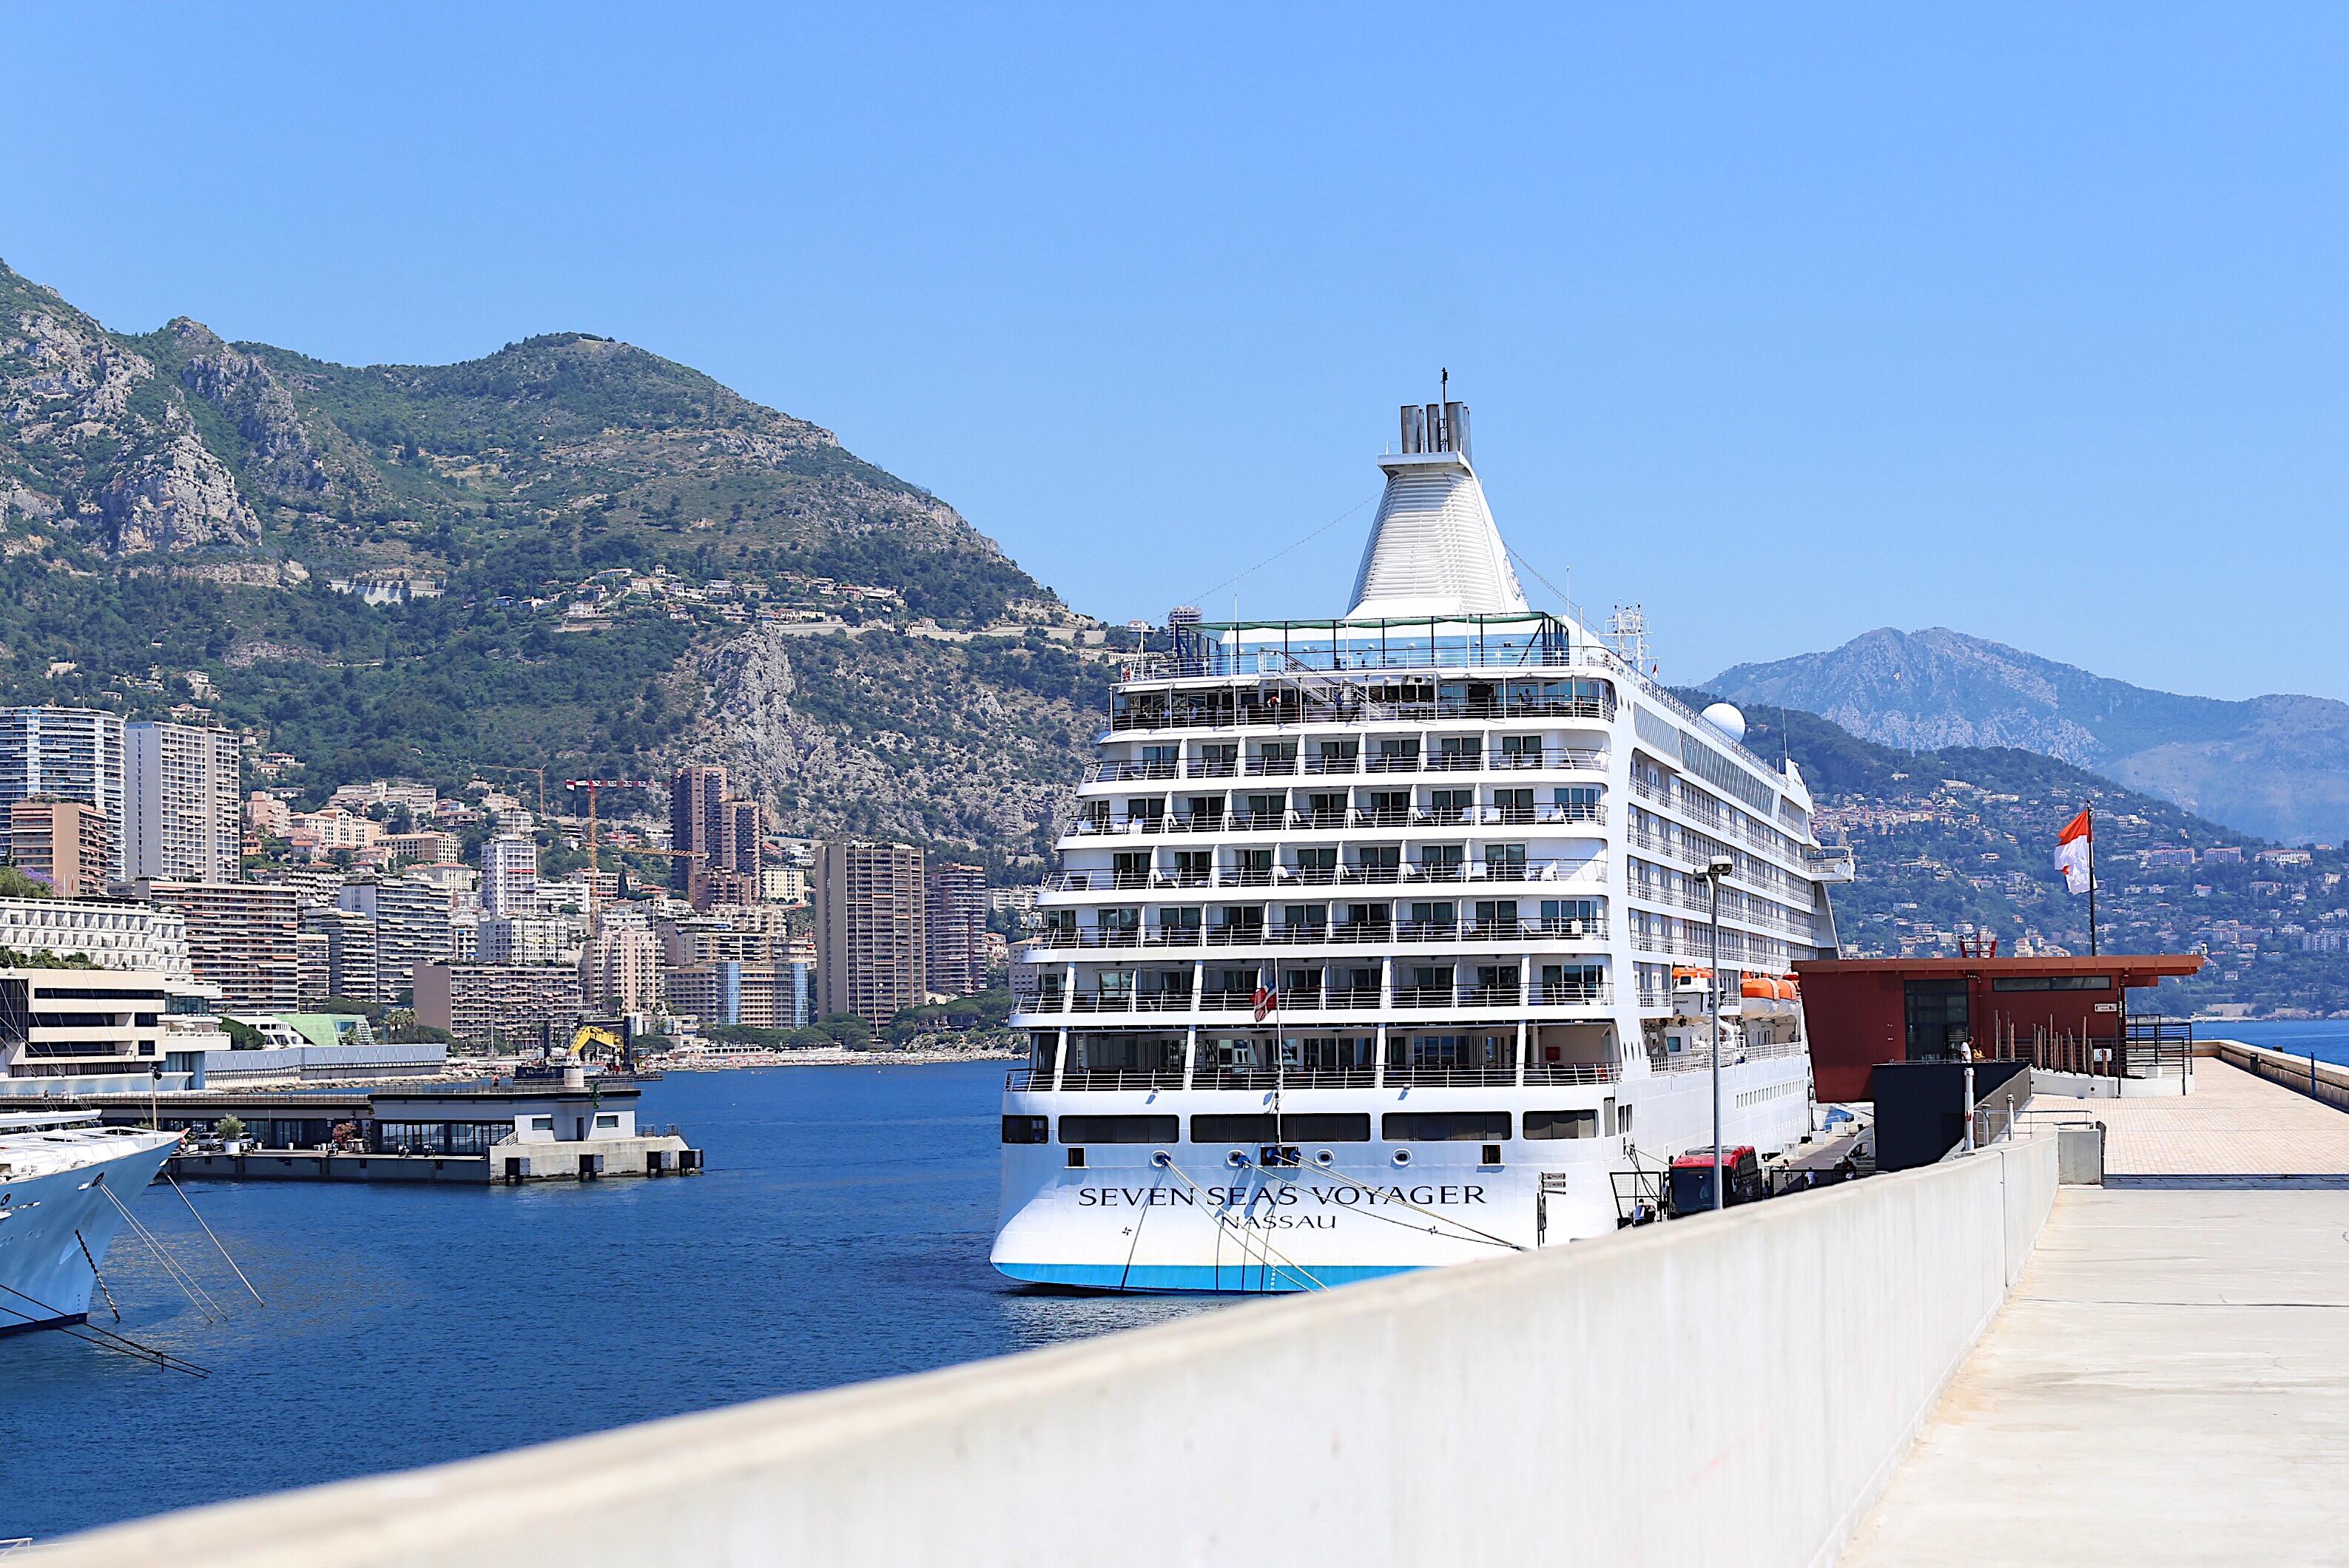 Regent Seven Seas Voyager Monte Carlo